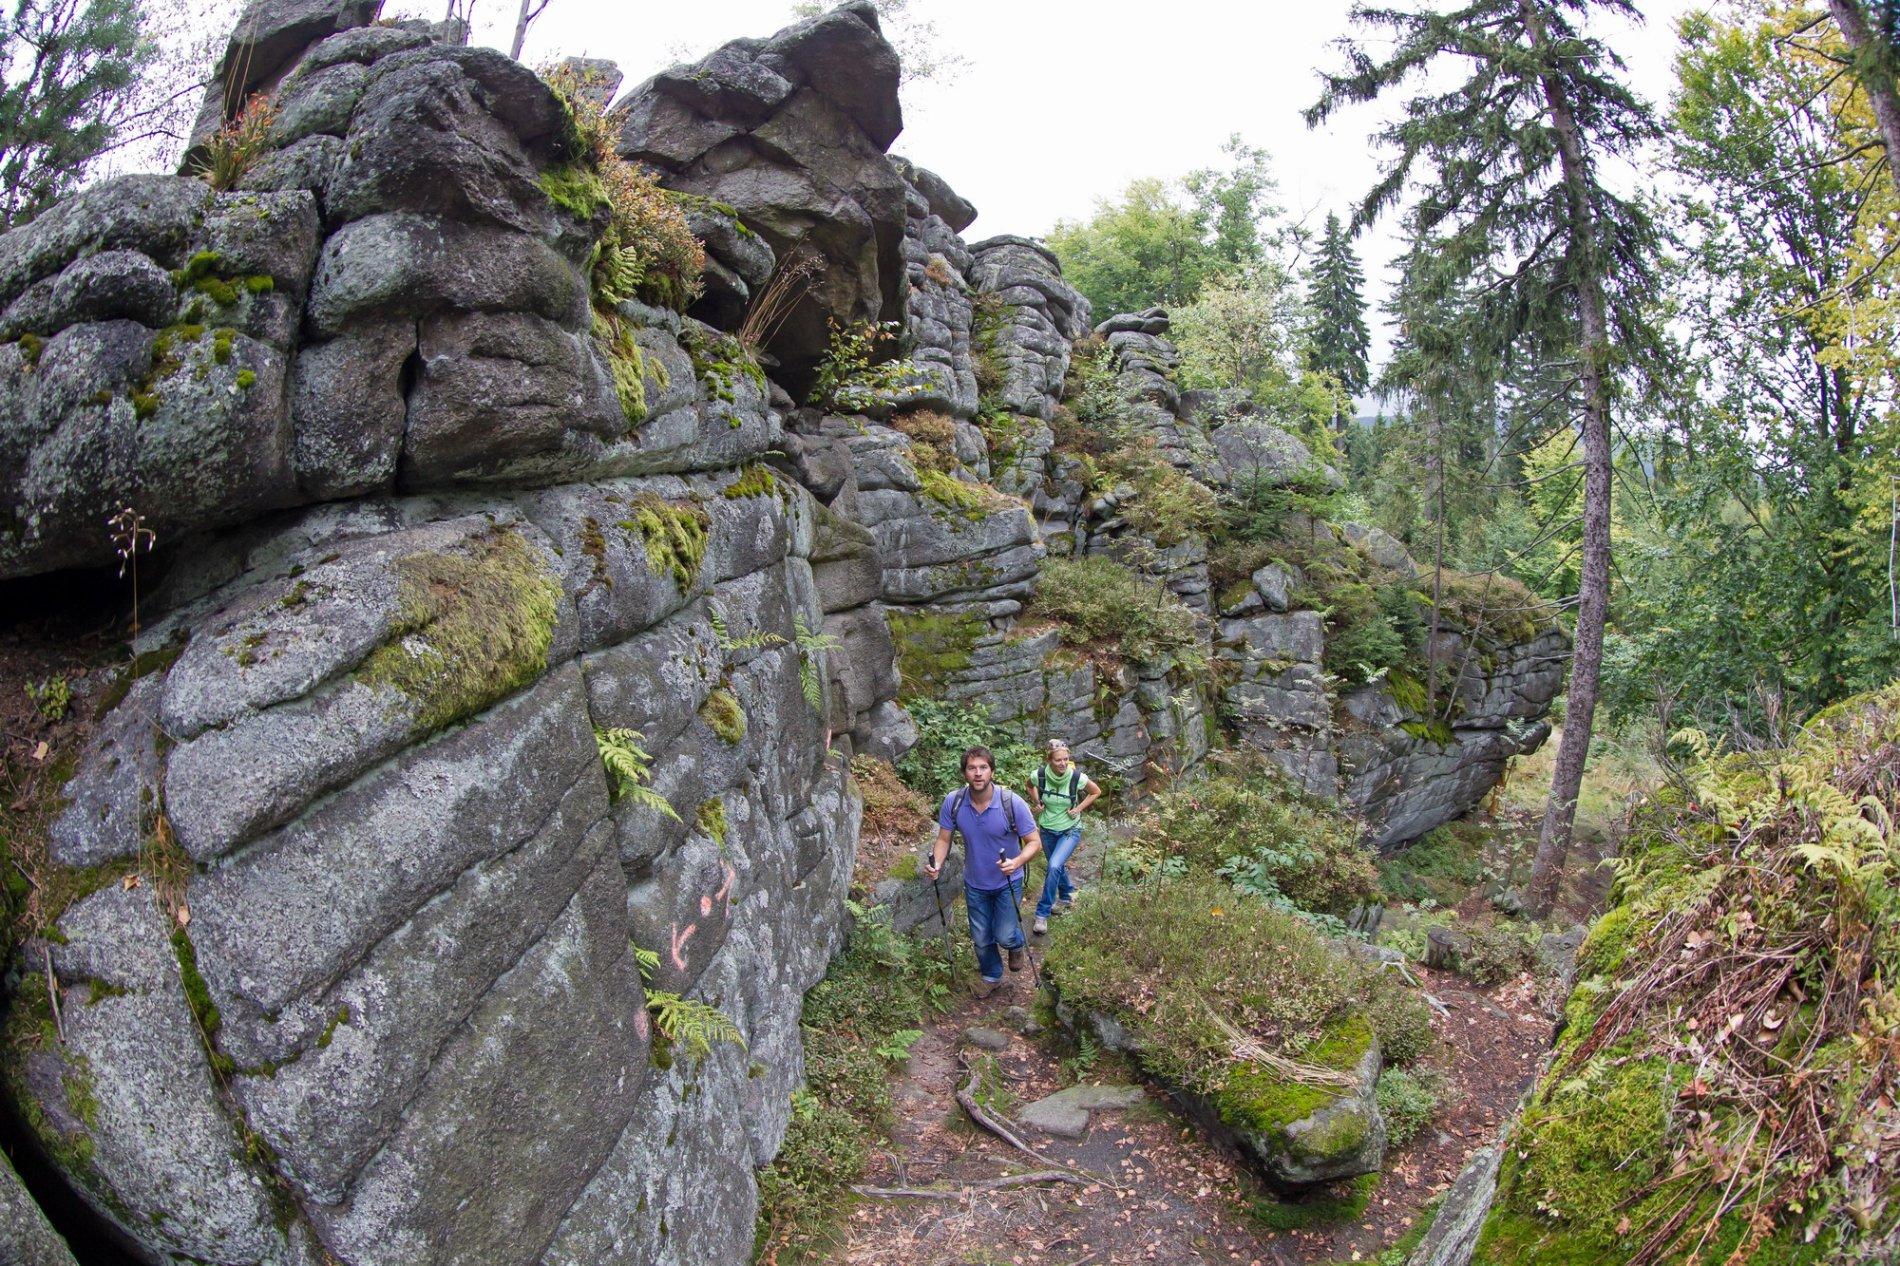 Nurtschweg Burgruine Schellenberg